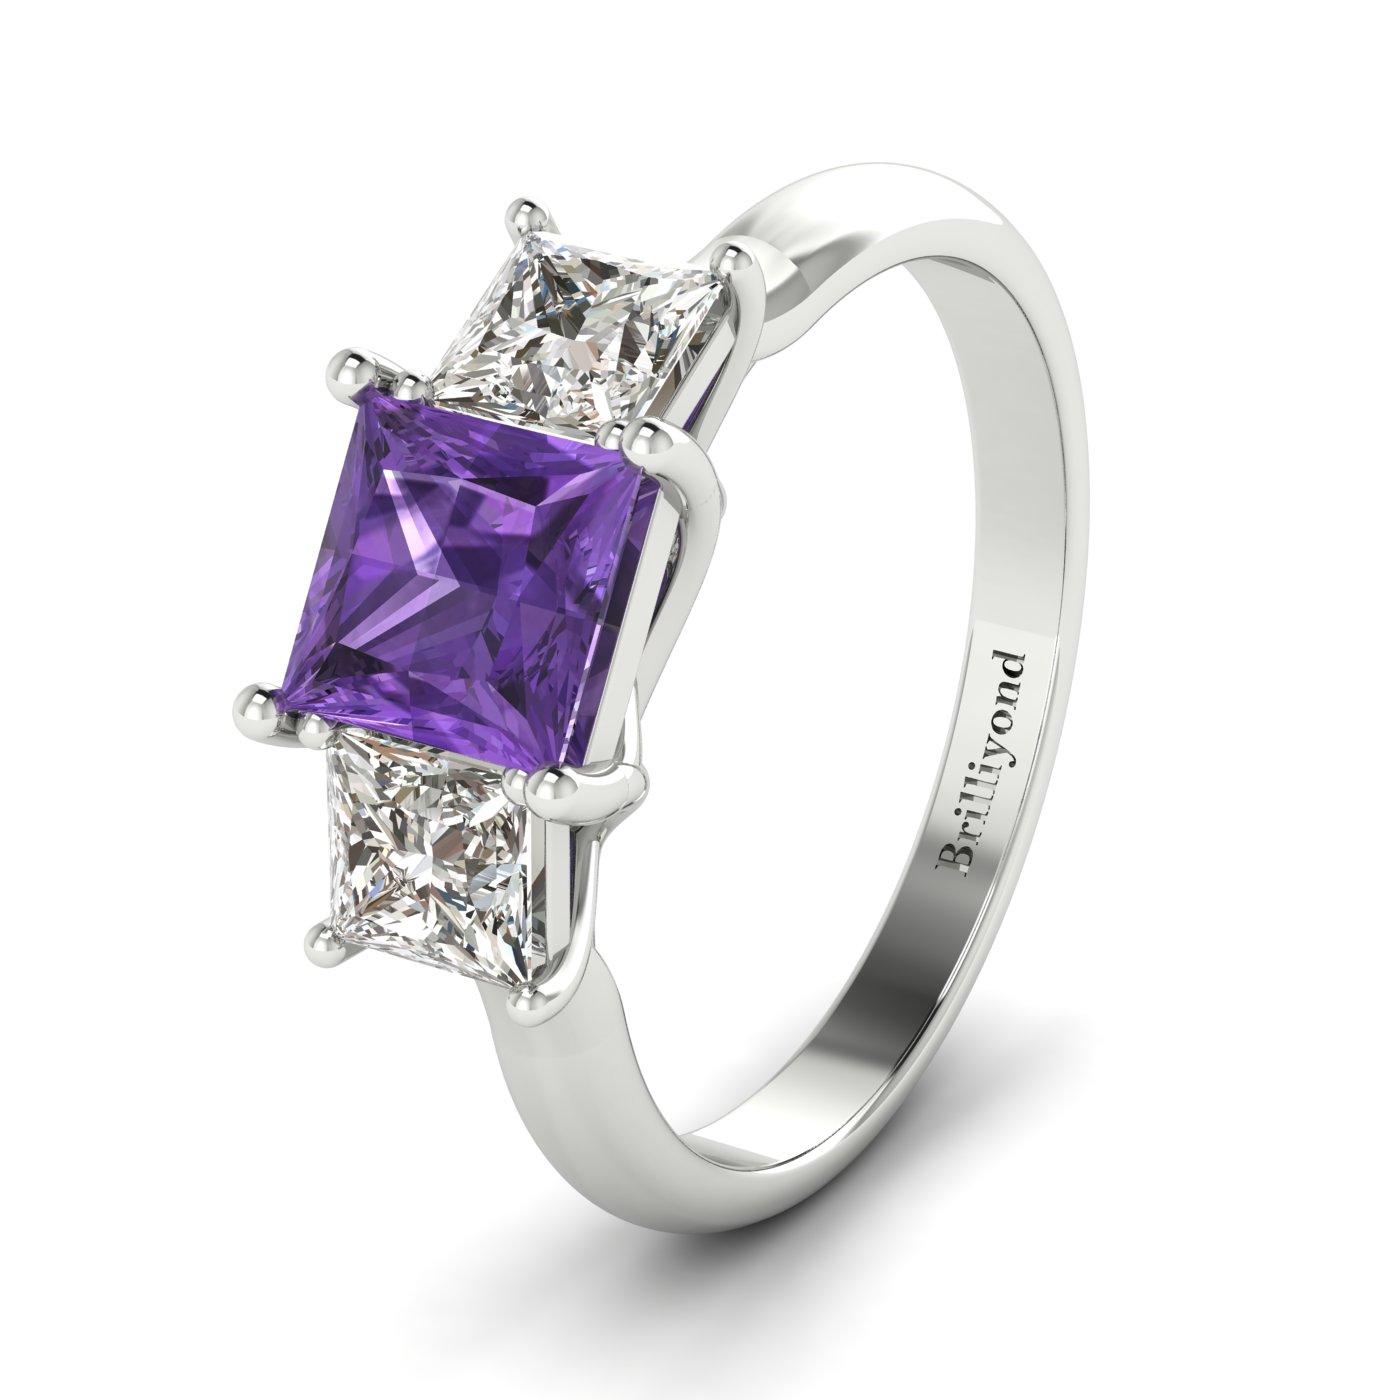 Princess Cut Engagement Ring Capri_image1